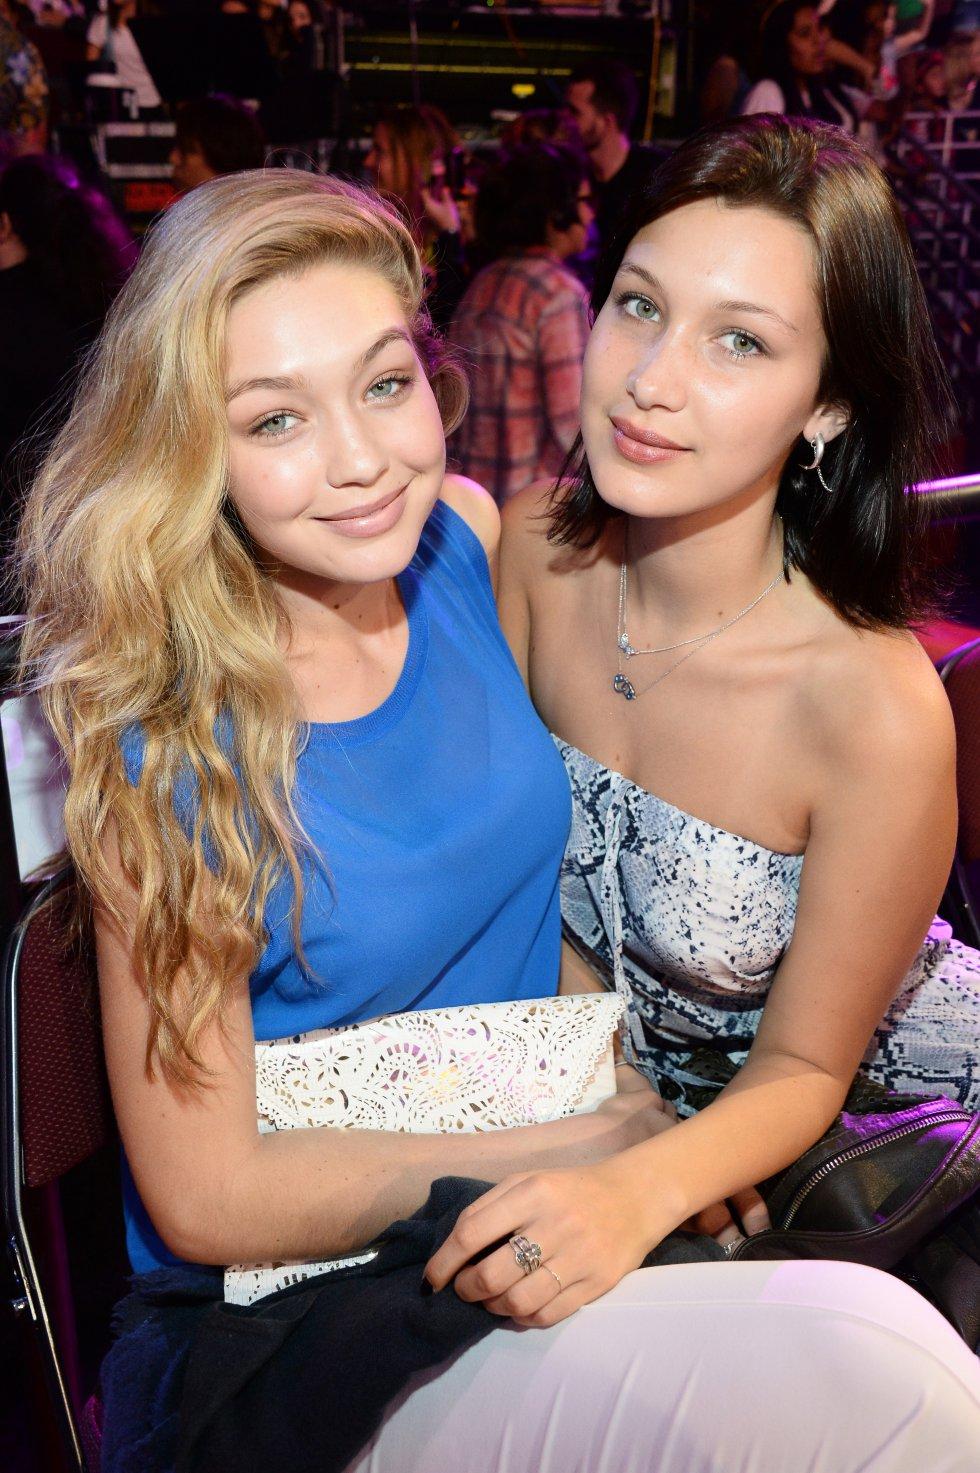 Puede que la guapa modelo Bella Hadid tenga tan solo 20 años, pero ya ha conseguido labrarse un nombre en el mundo de la moda en un tiempo récord, siguiendo los pasos de su hermana Gigi.